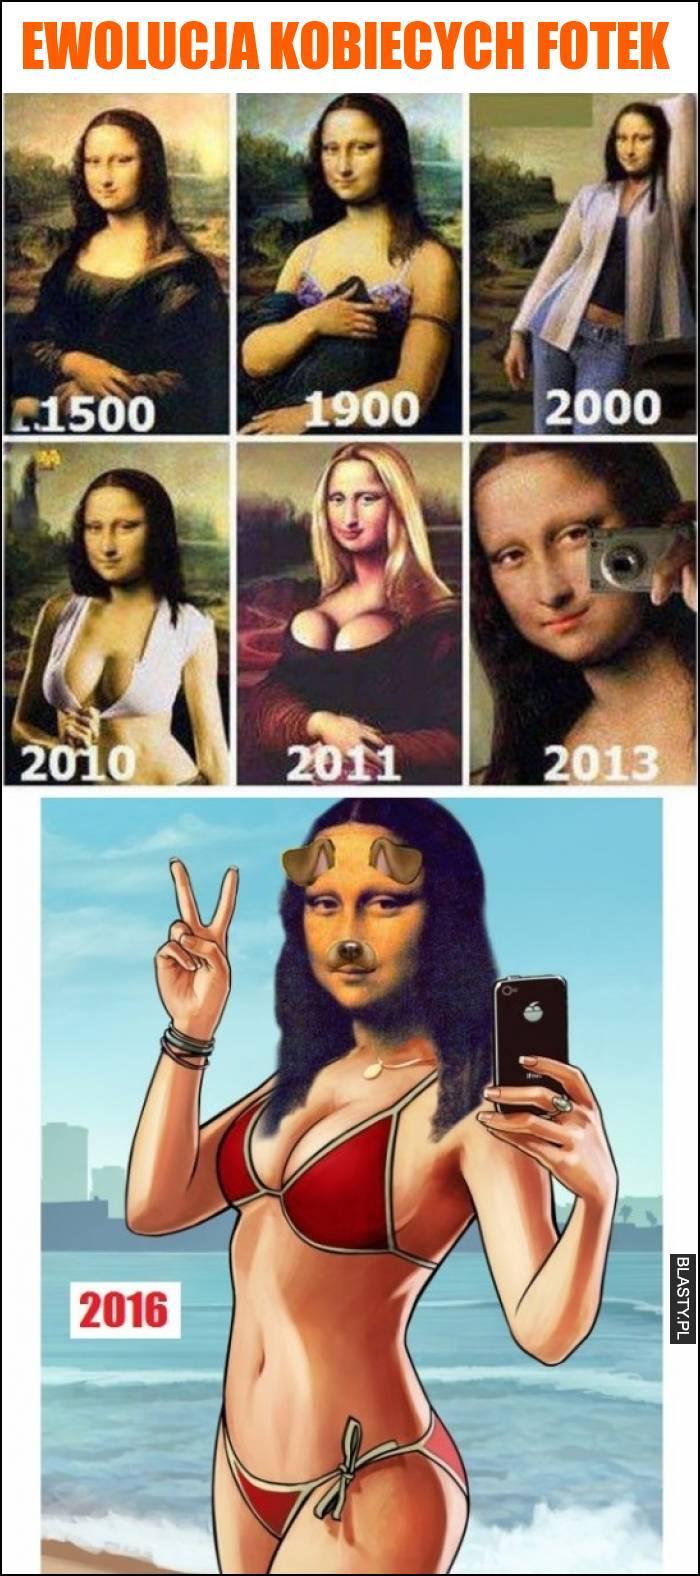 Ewolucja kobiecych fotek